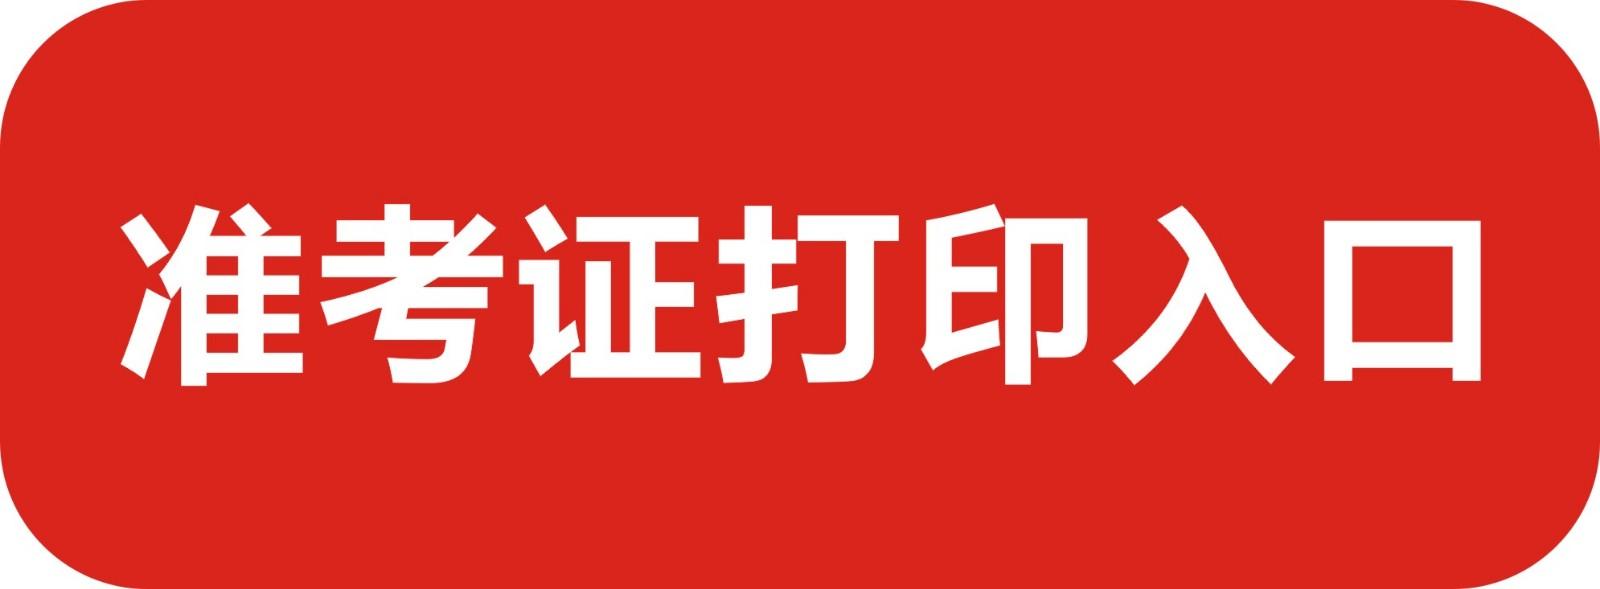 2020上半年重庆教师资格证准考证打印入口|打印时间